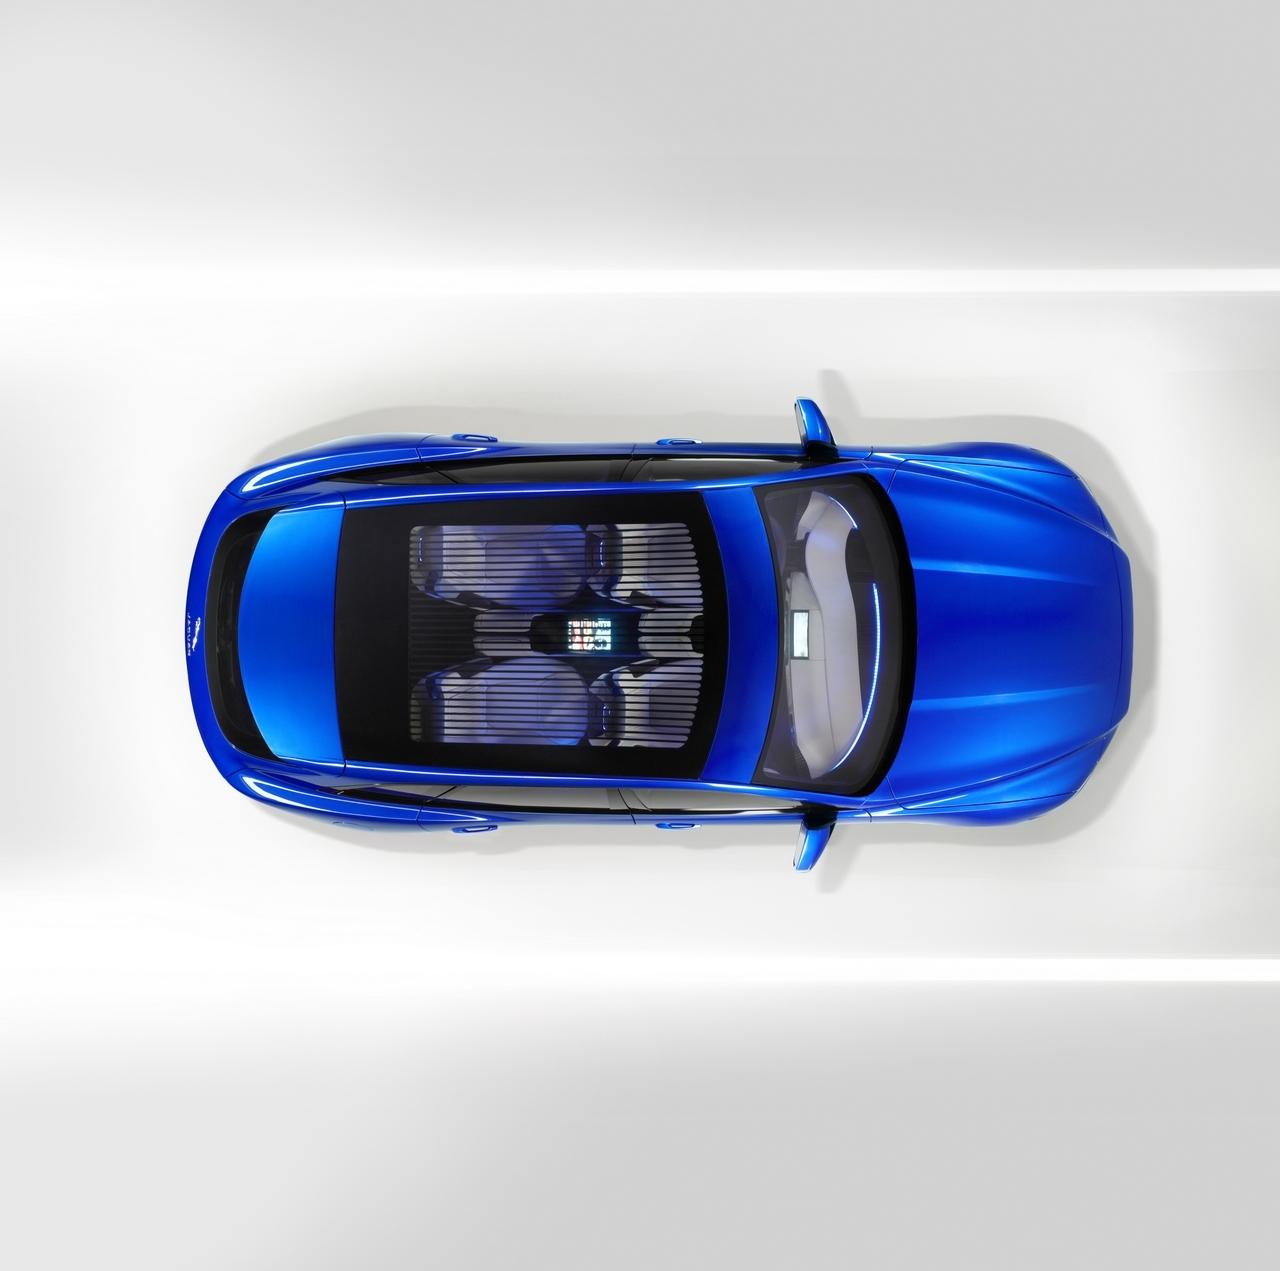 jaguar-c-x17-sports-crossover-concept_50-100